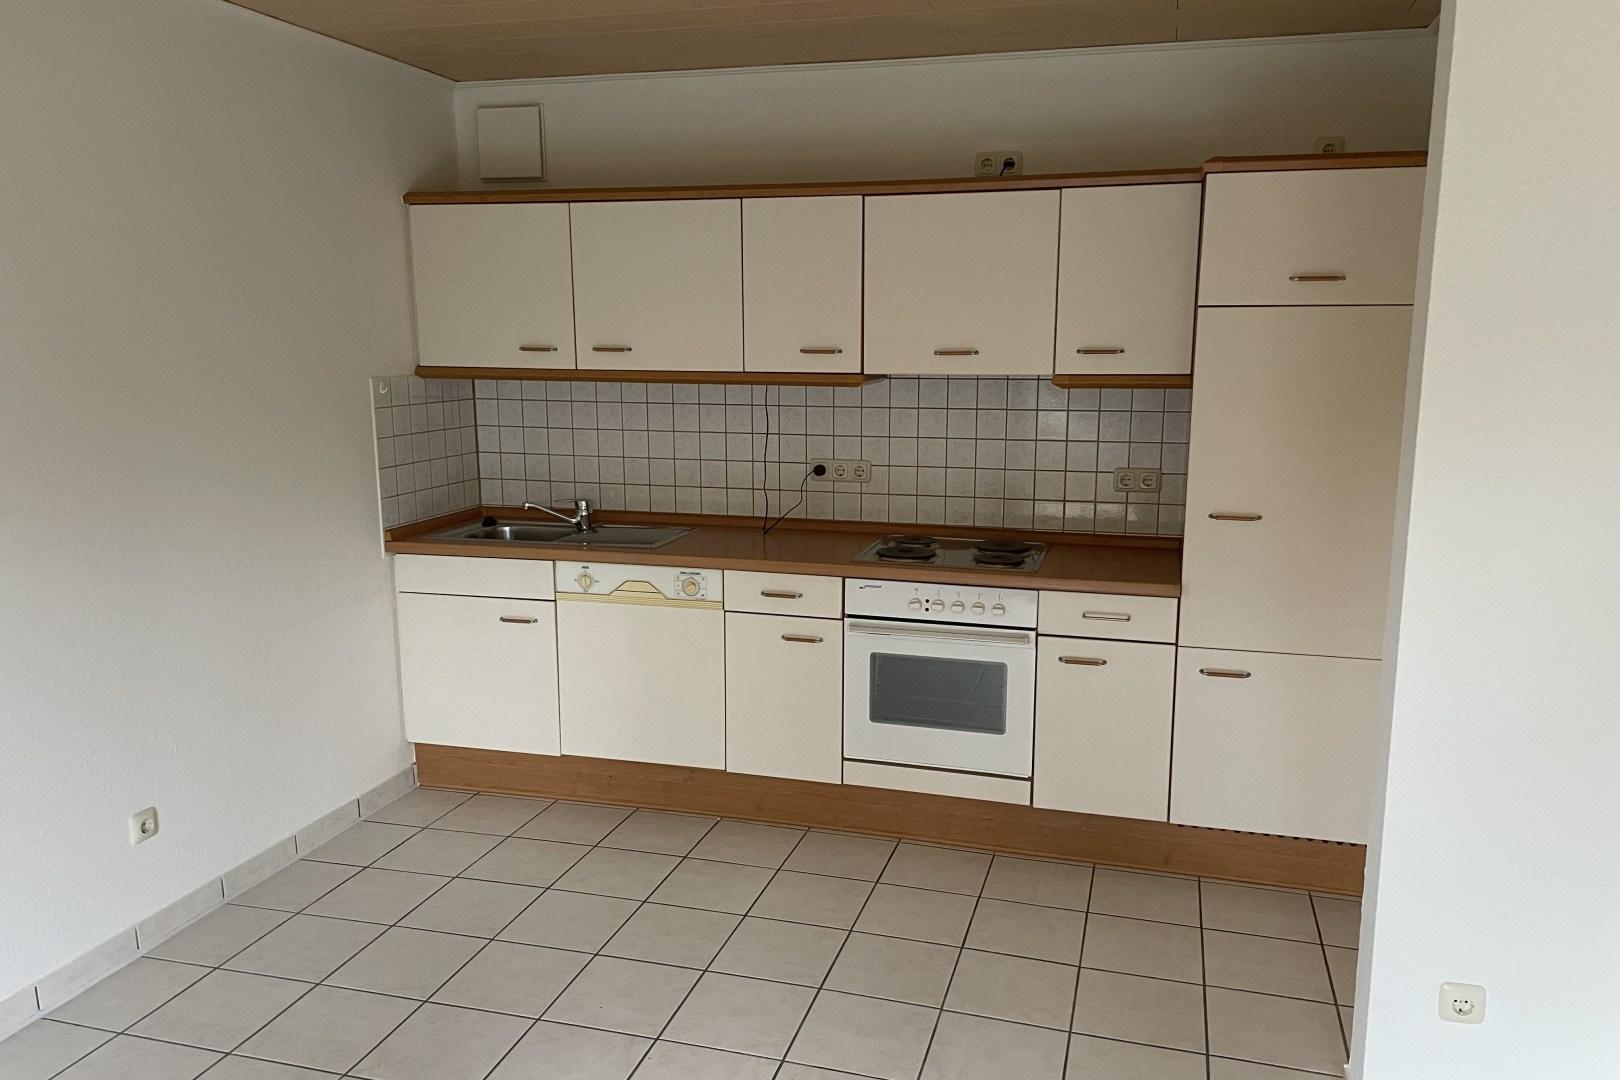 Immobilie Nr.0258 - 2-Zimmerwohnung  - Bild 6.jpg